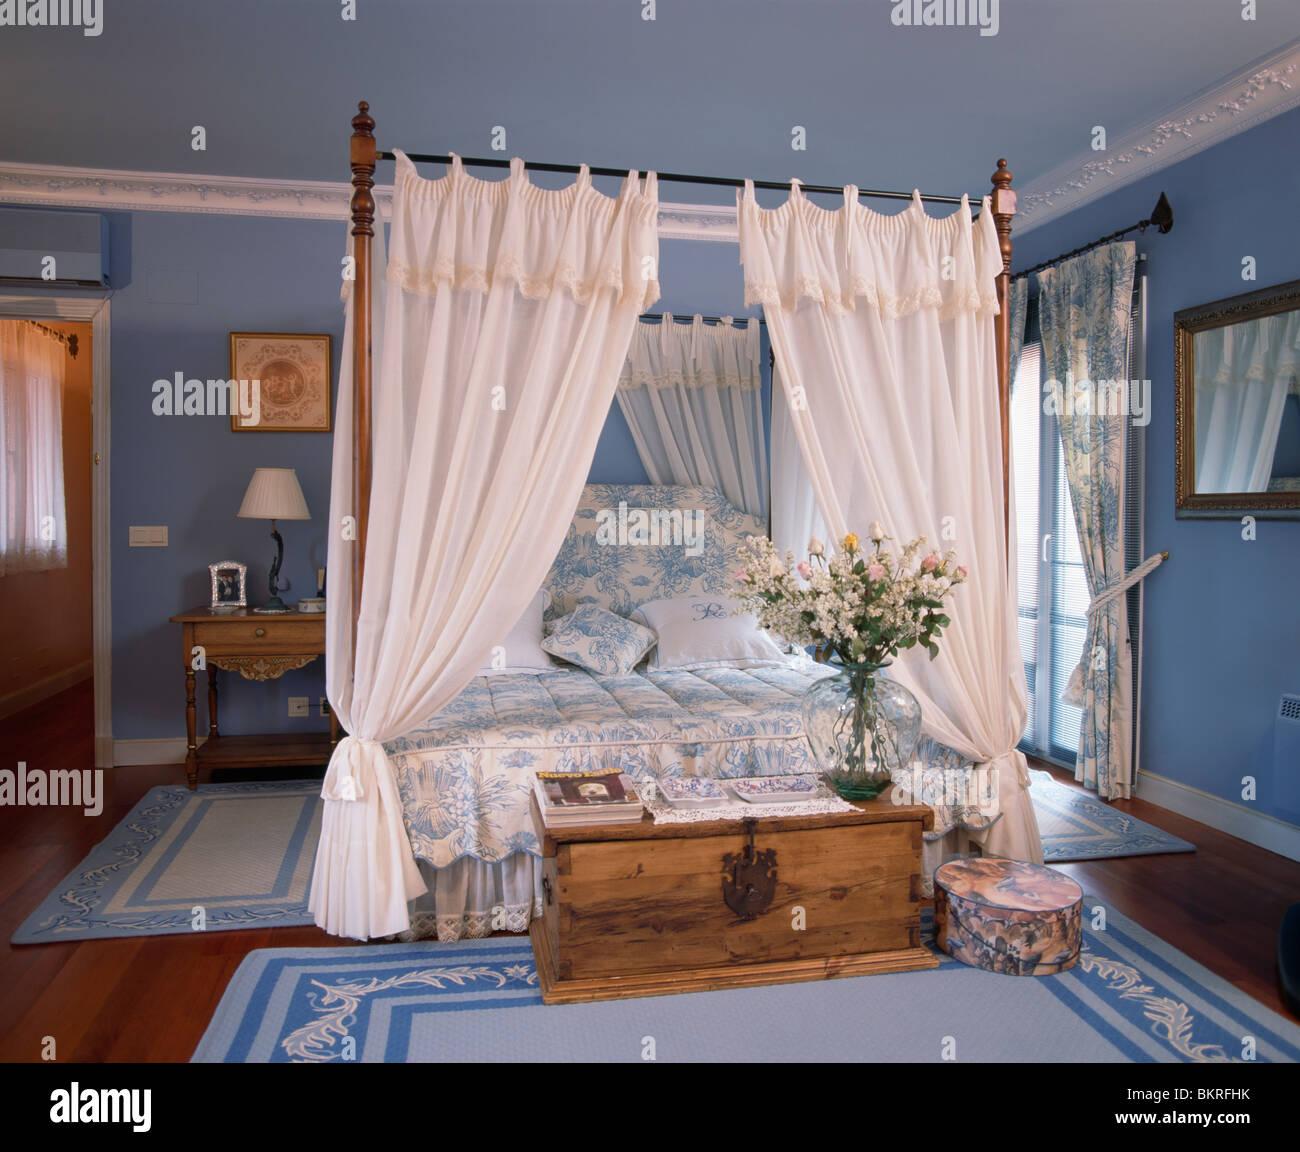 Weisse Vorhange Am Himmelbett Mit Blaue Weisse Bettwasche In Pastell